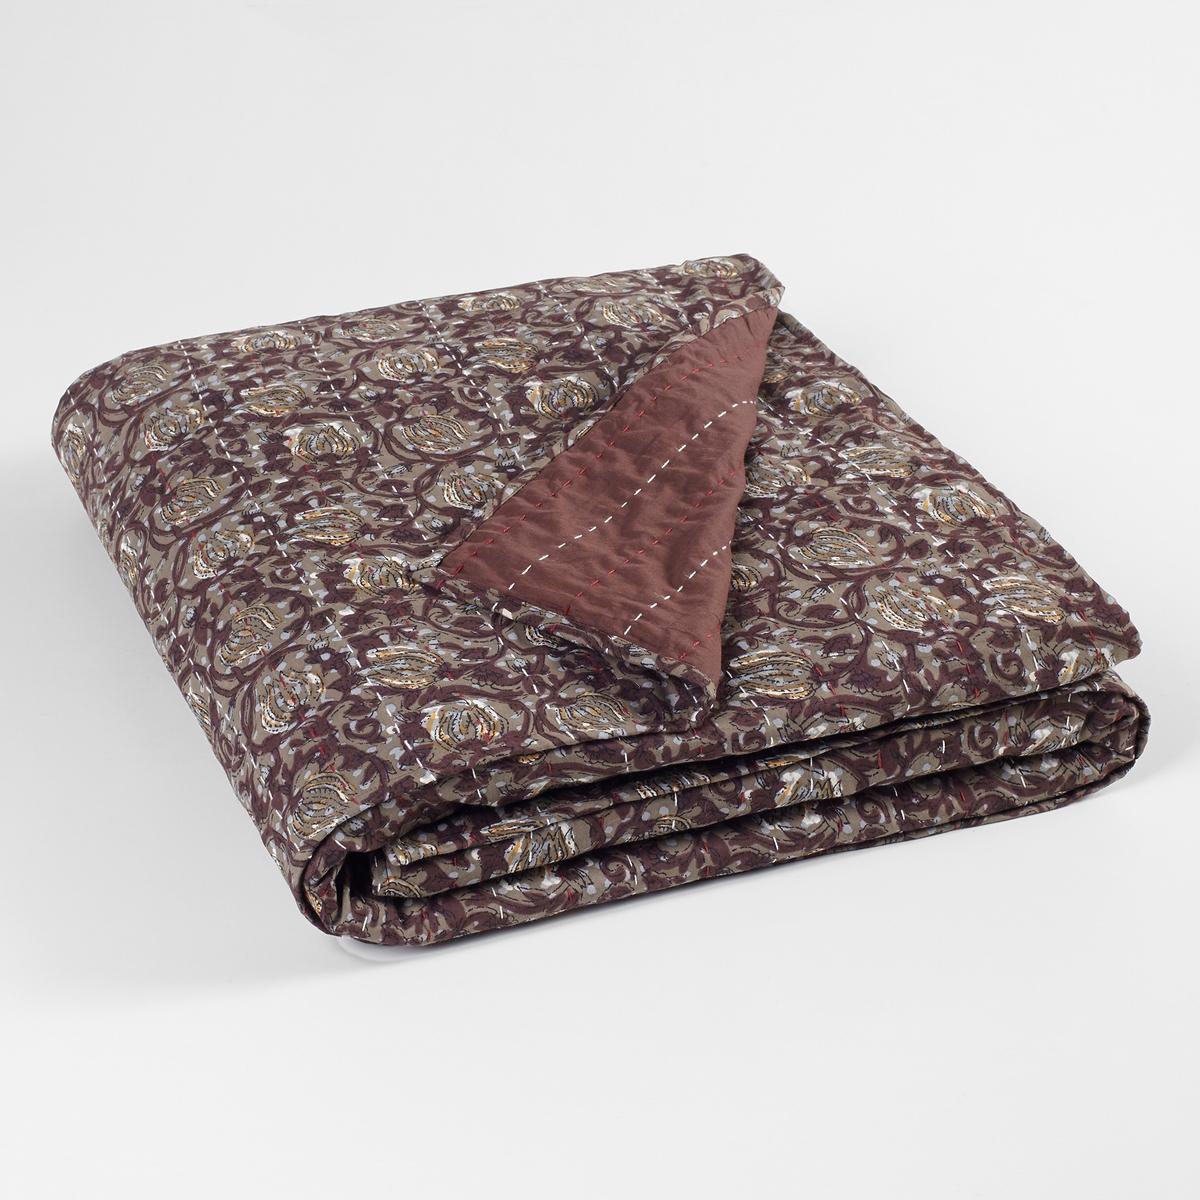 Покрывало из плотной ткани ArtemioПокрывало из плотной ткани Artemio . Деликатный цветочный рисунок с контрастной вышивкой . 1 сторона с рисунком, 1 сторона однотонная . Состав : - Чехол из вуали 100% хлопок, мягкий и теплый . - Наполнитель 100% хлопчатобумажная газовая ткань .- Ручная работаУход : - Стирка при 30°Размер : - 140 x 160 см .<br><br>Цвет: набивной рисунок